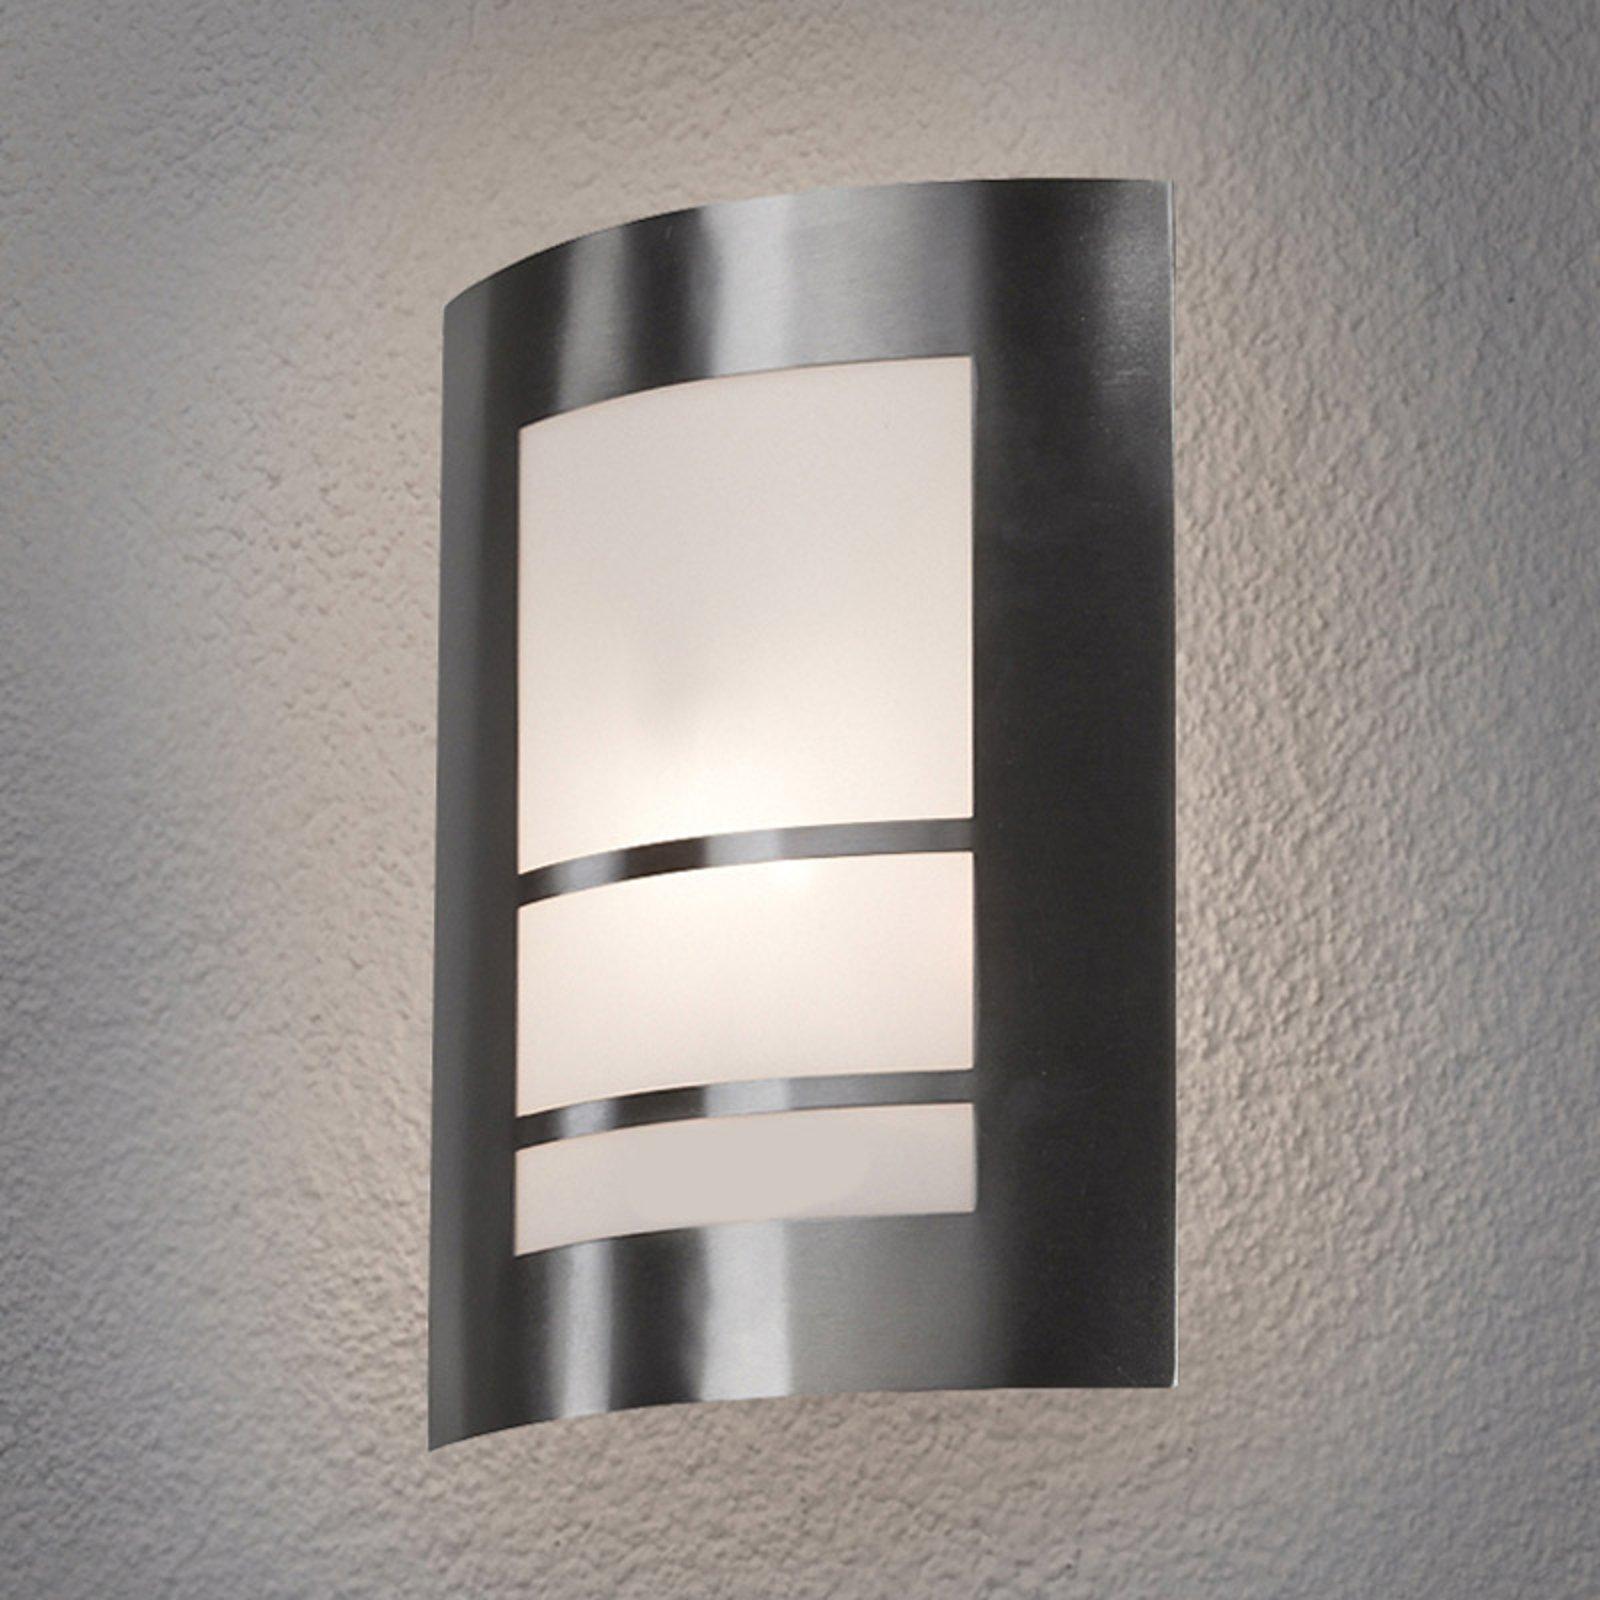 Vakker LED-utelampe for vegg Katalea i sølv